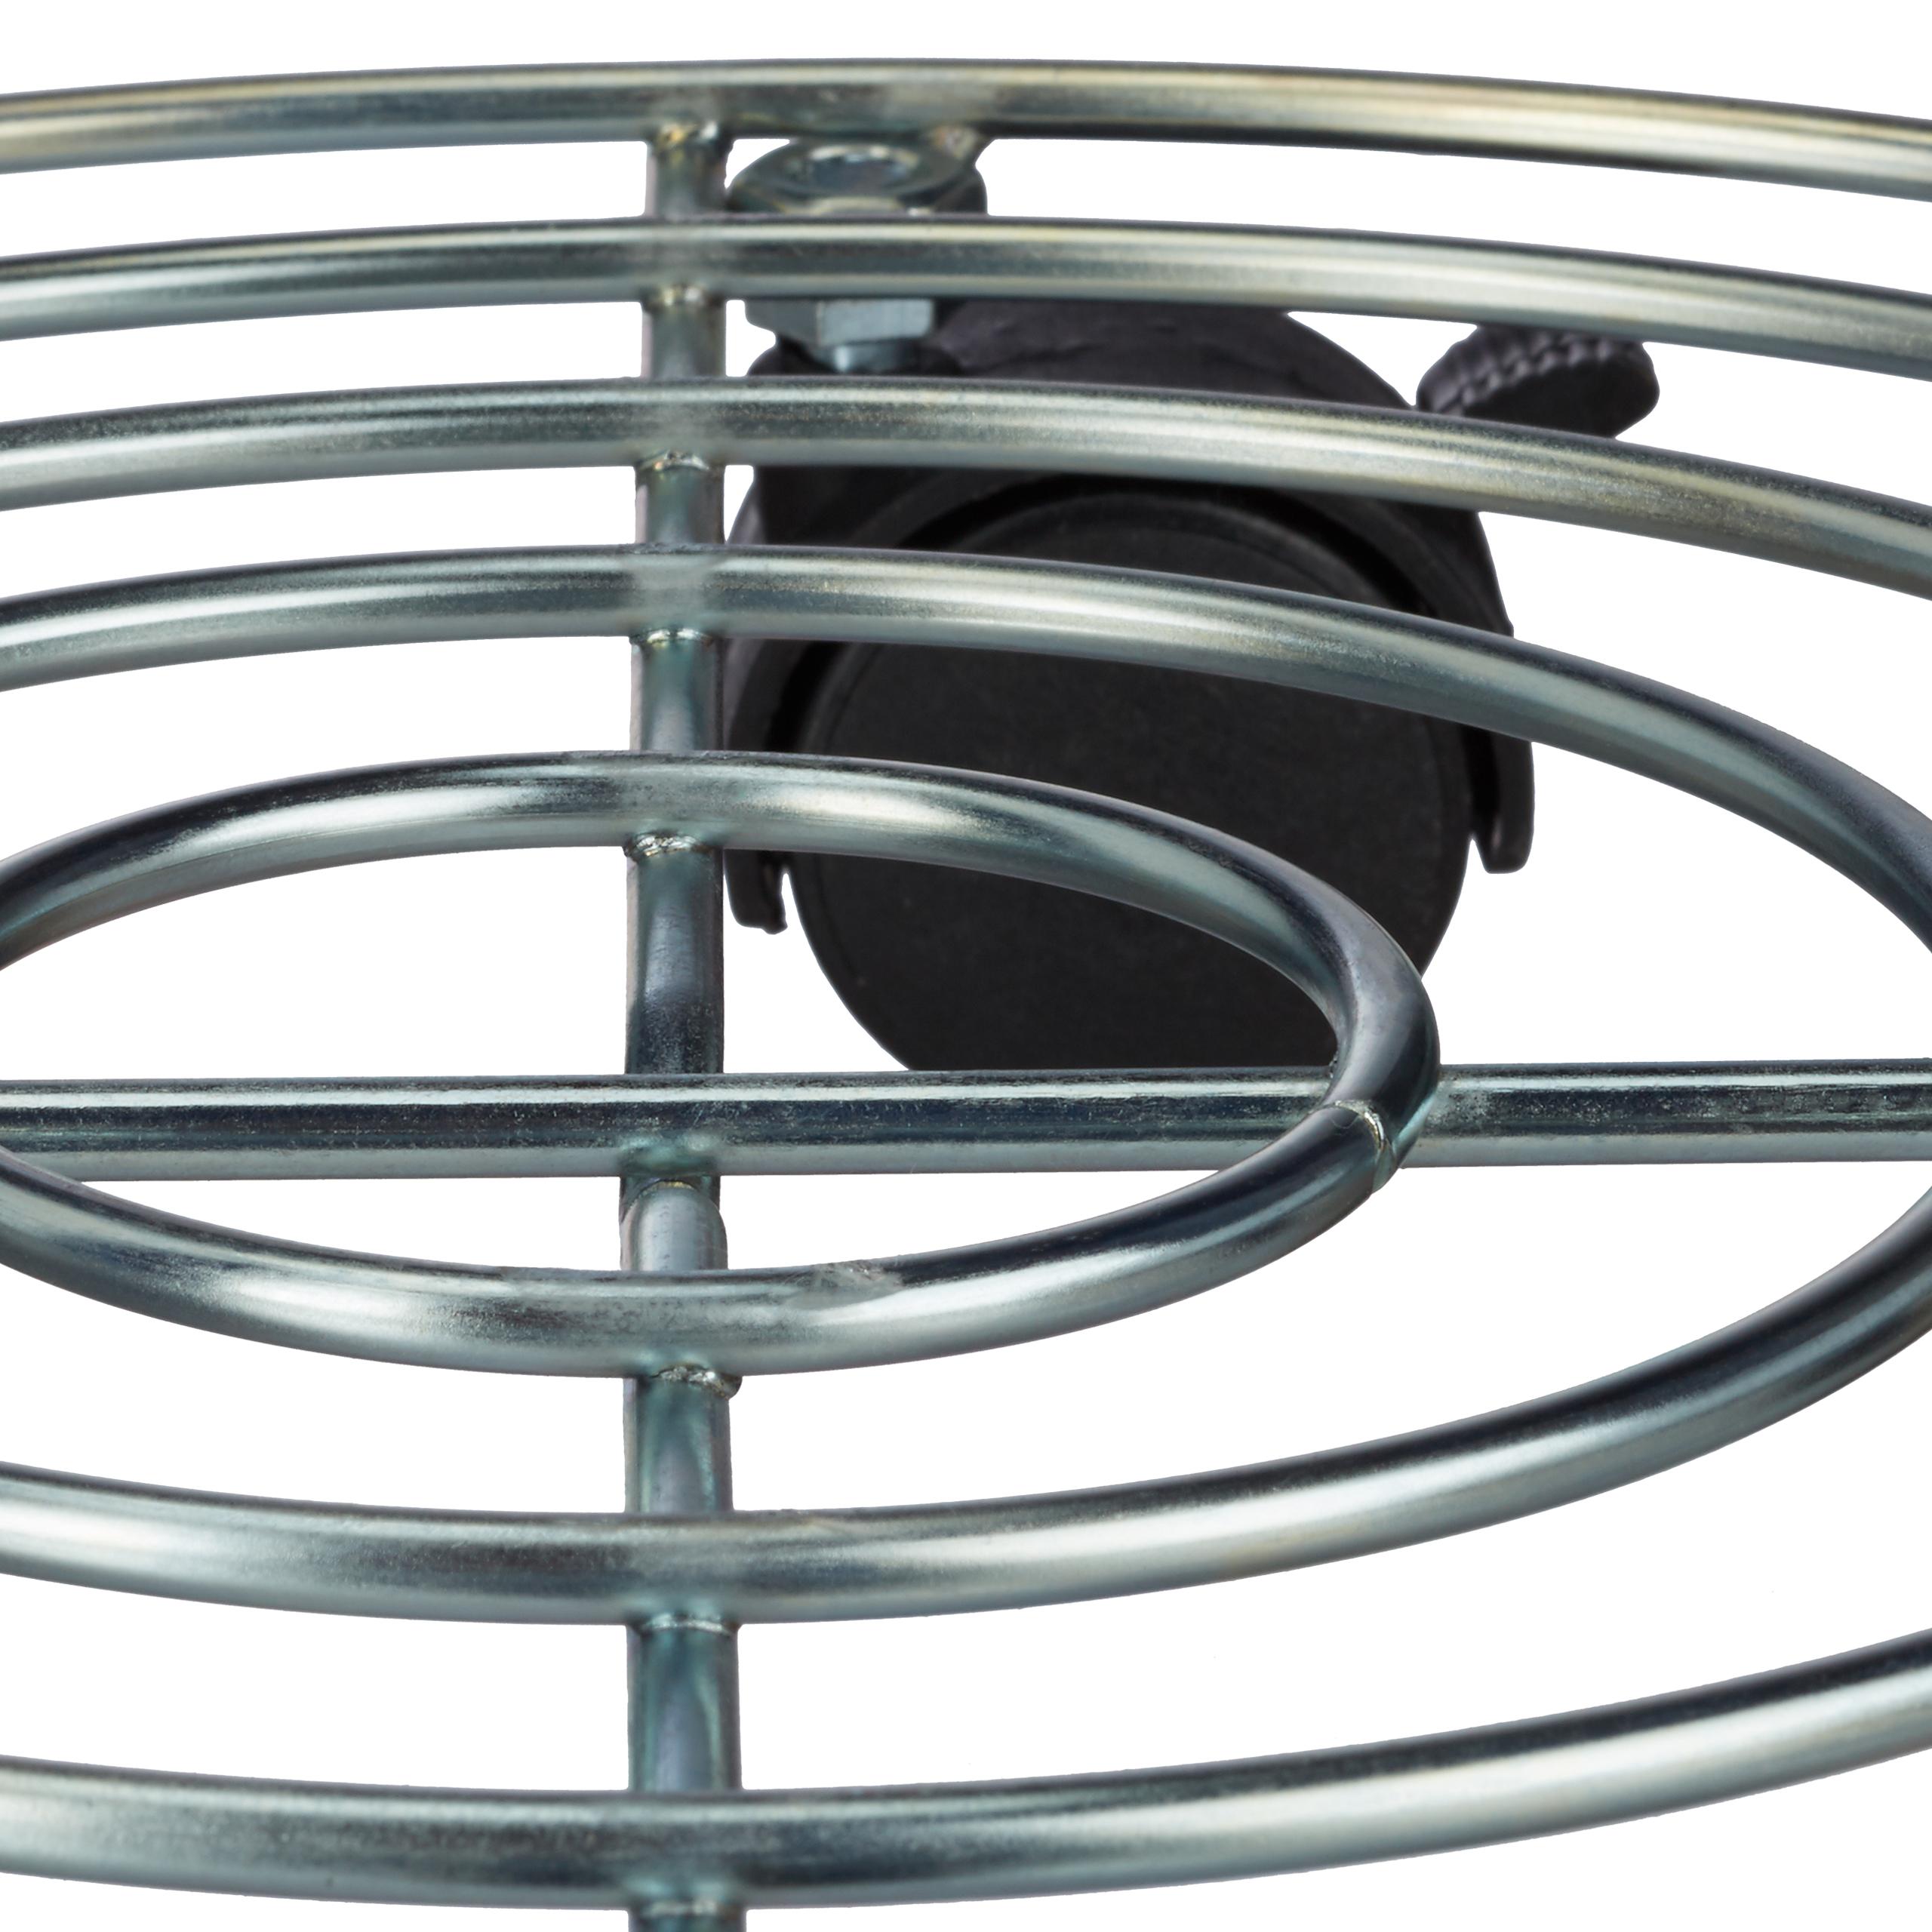 Kette/´s Grillzubeh/ör W/ärmeleitblech Edelstahl /ähnlich Hitzereflektor passt f/ür Weber//Genesis II F/ür Weber Spirit 200er Serie